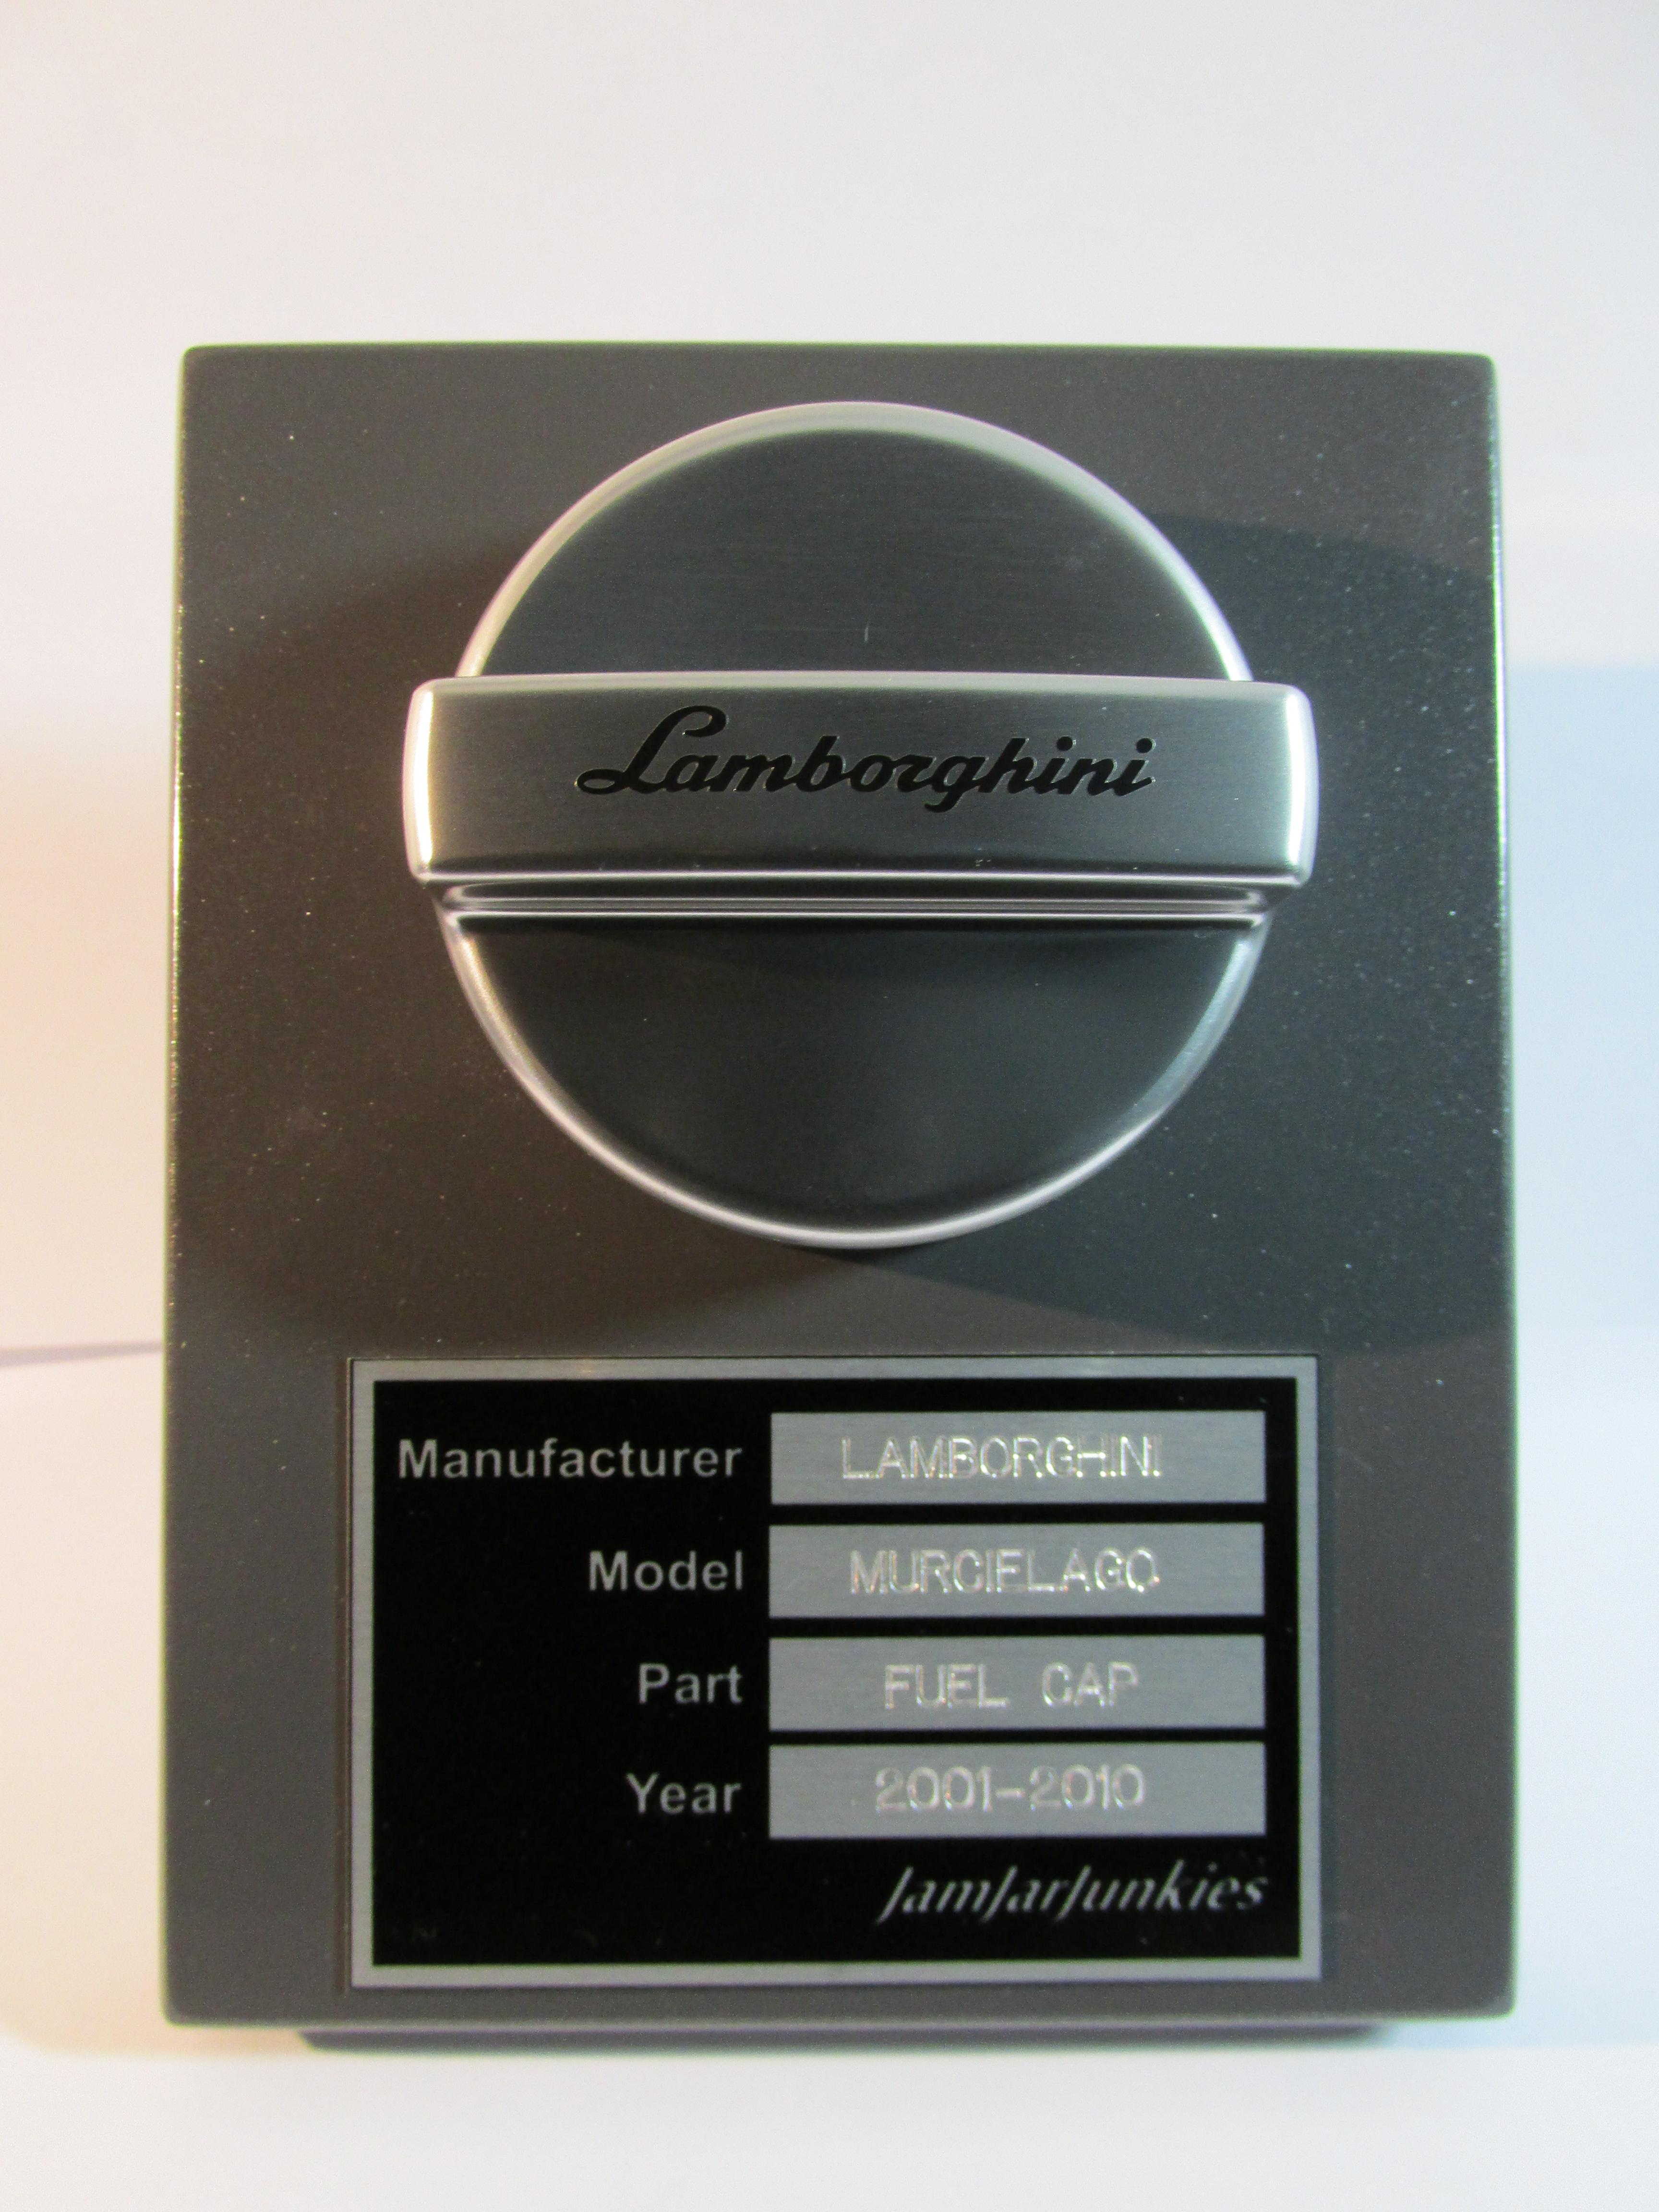 Lamborghini Fuel Cap | Jam Jar Junkies